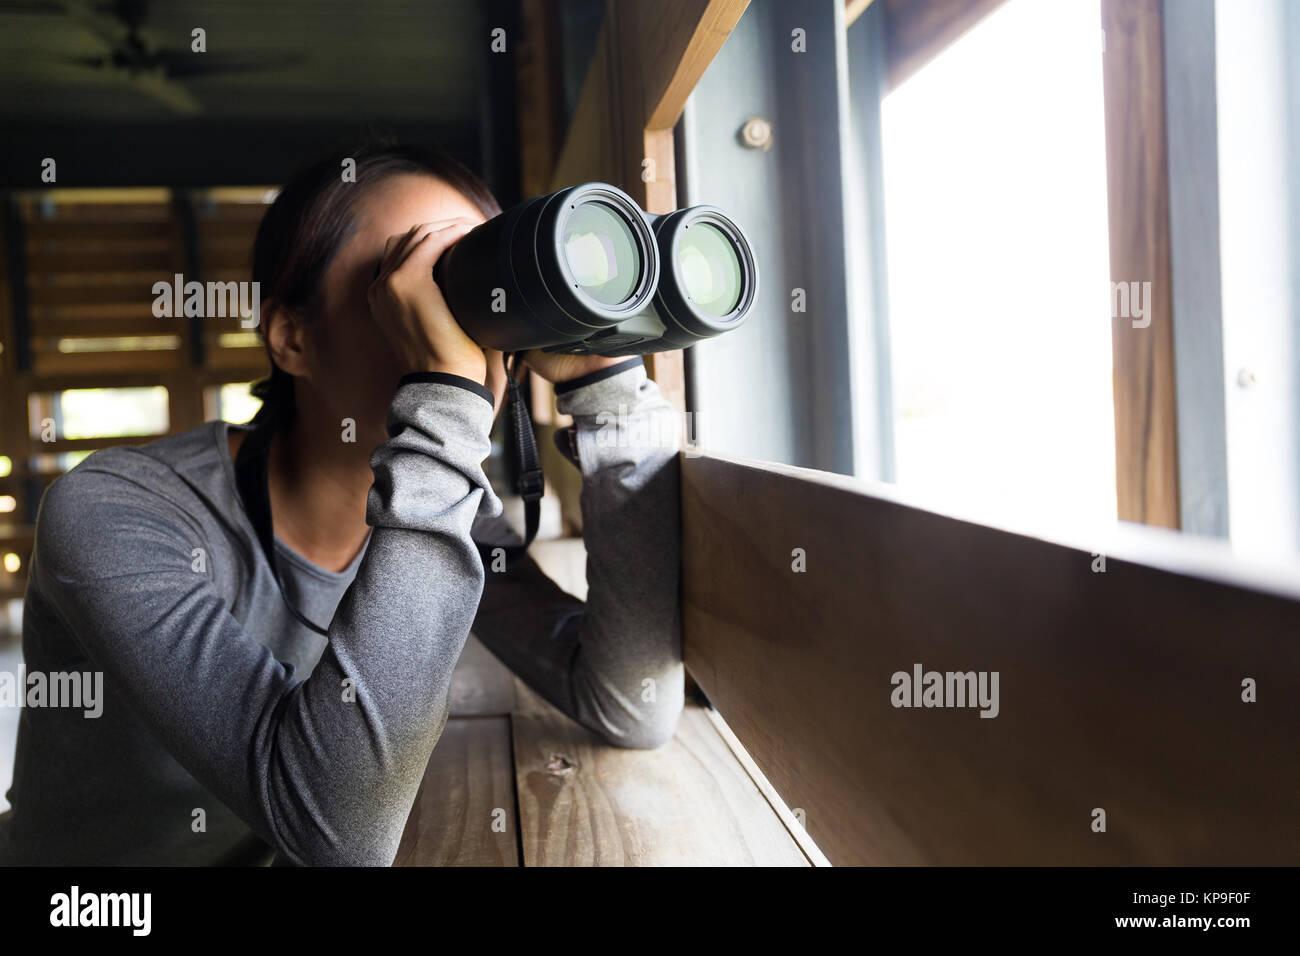 Asiatische frau mit fernglas für vogelbeobachtung stockfoto bild